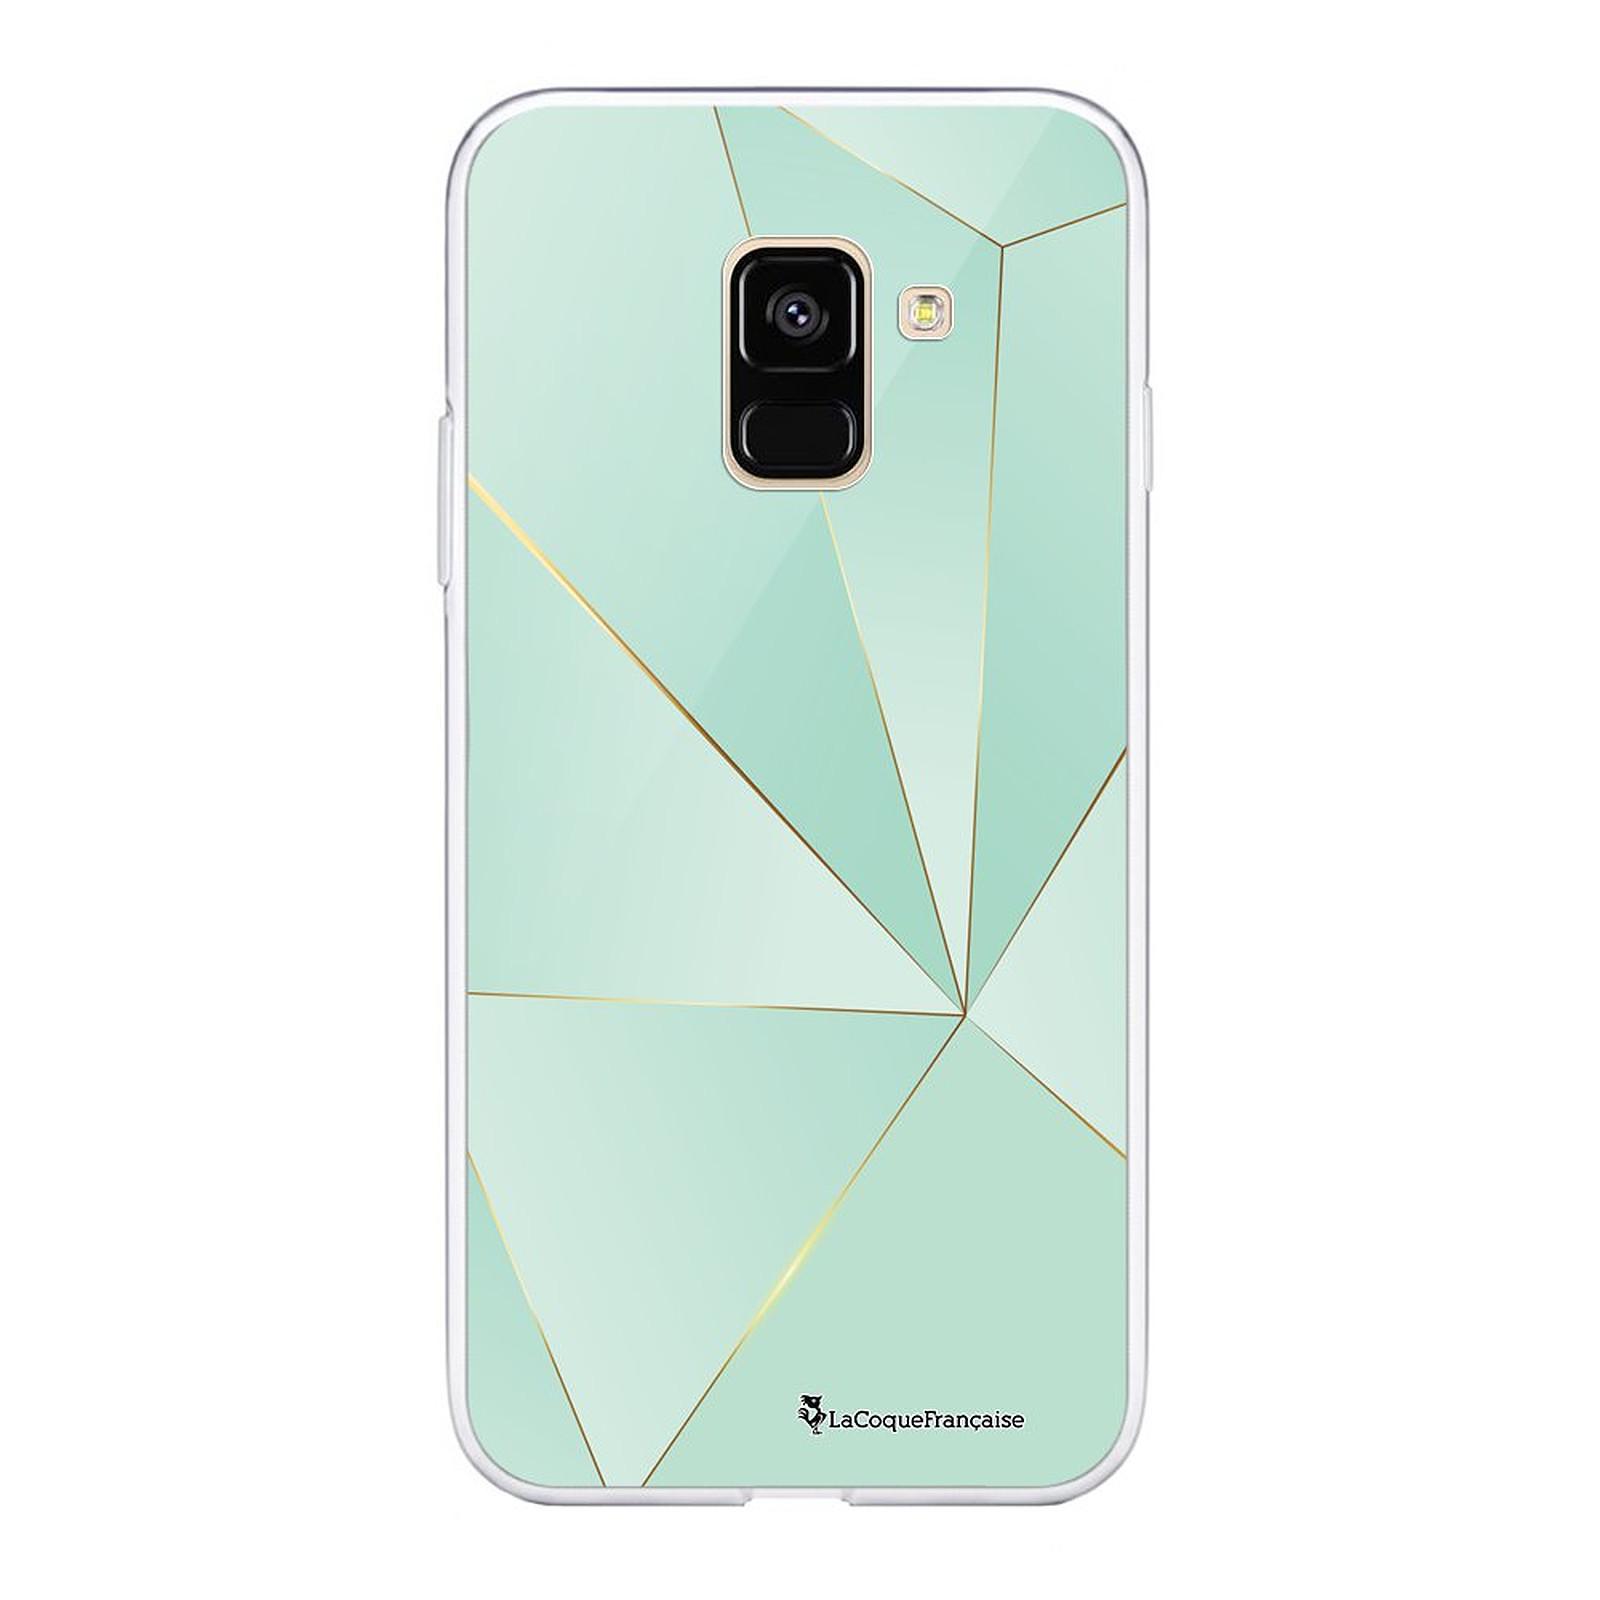 LA COQUE FRANCAISE Coque Samsung Galaxy A8 2018 souple Vert géométrique - Coque téléphone LaCoqueFrançaise sur LDLC